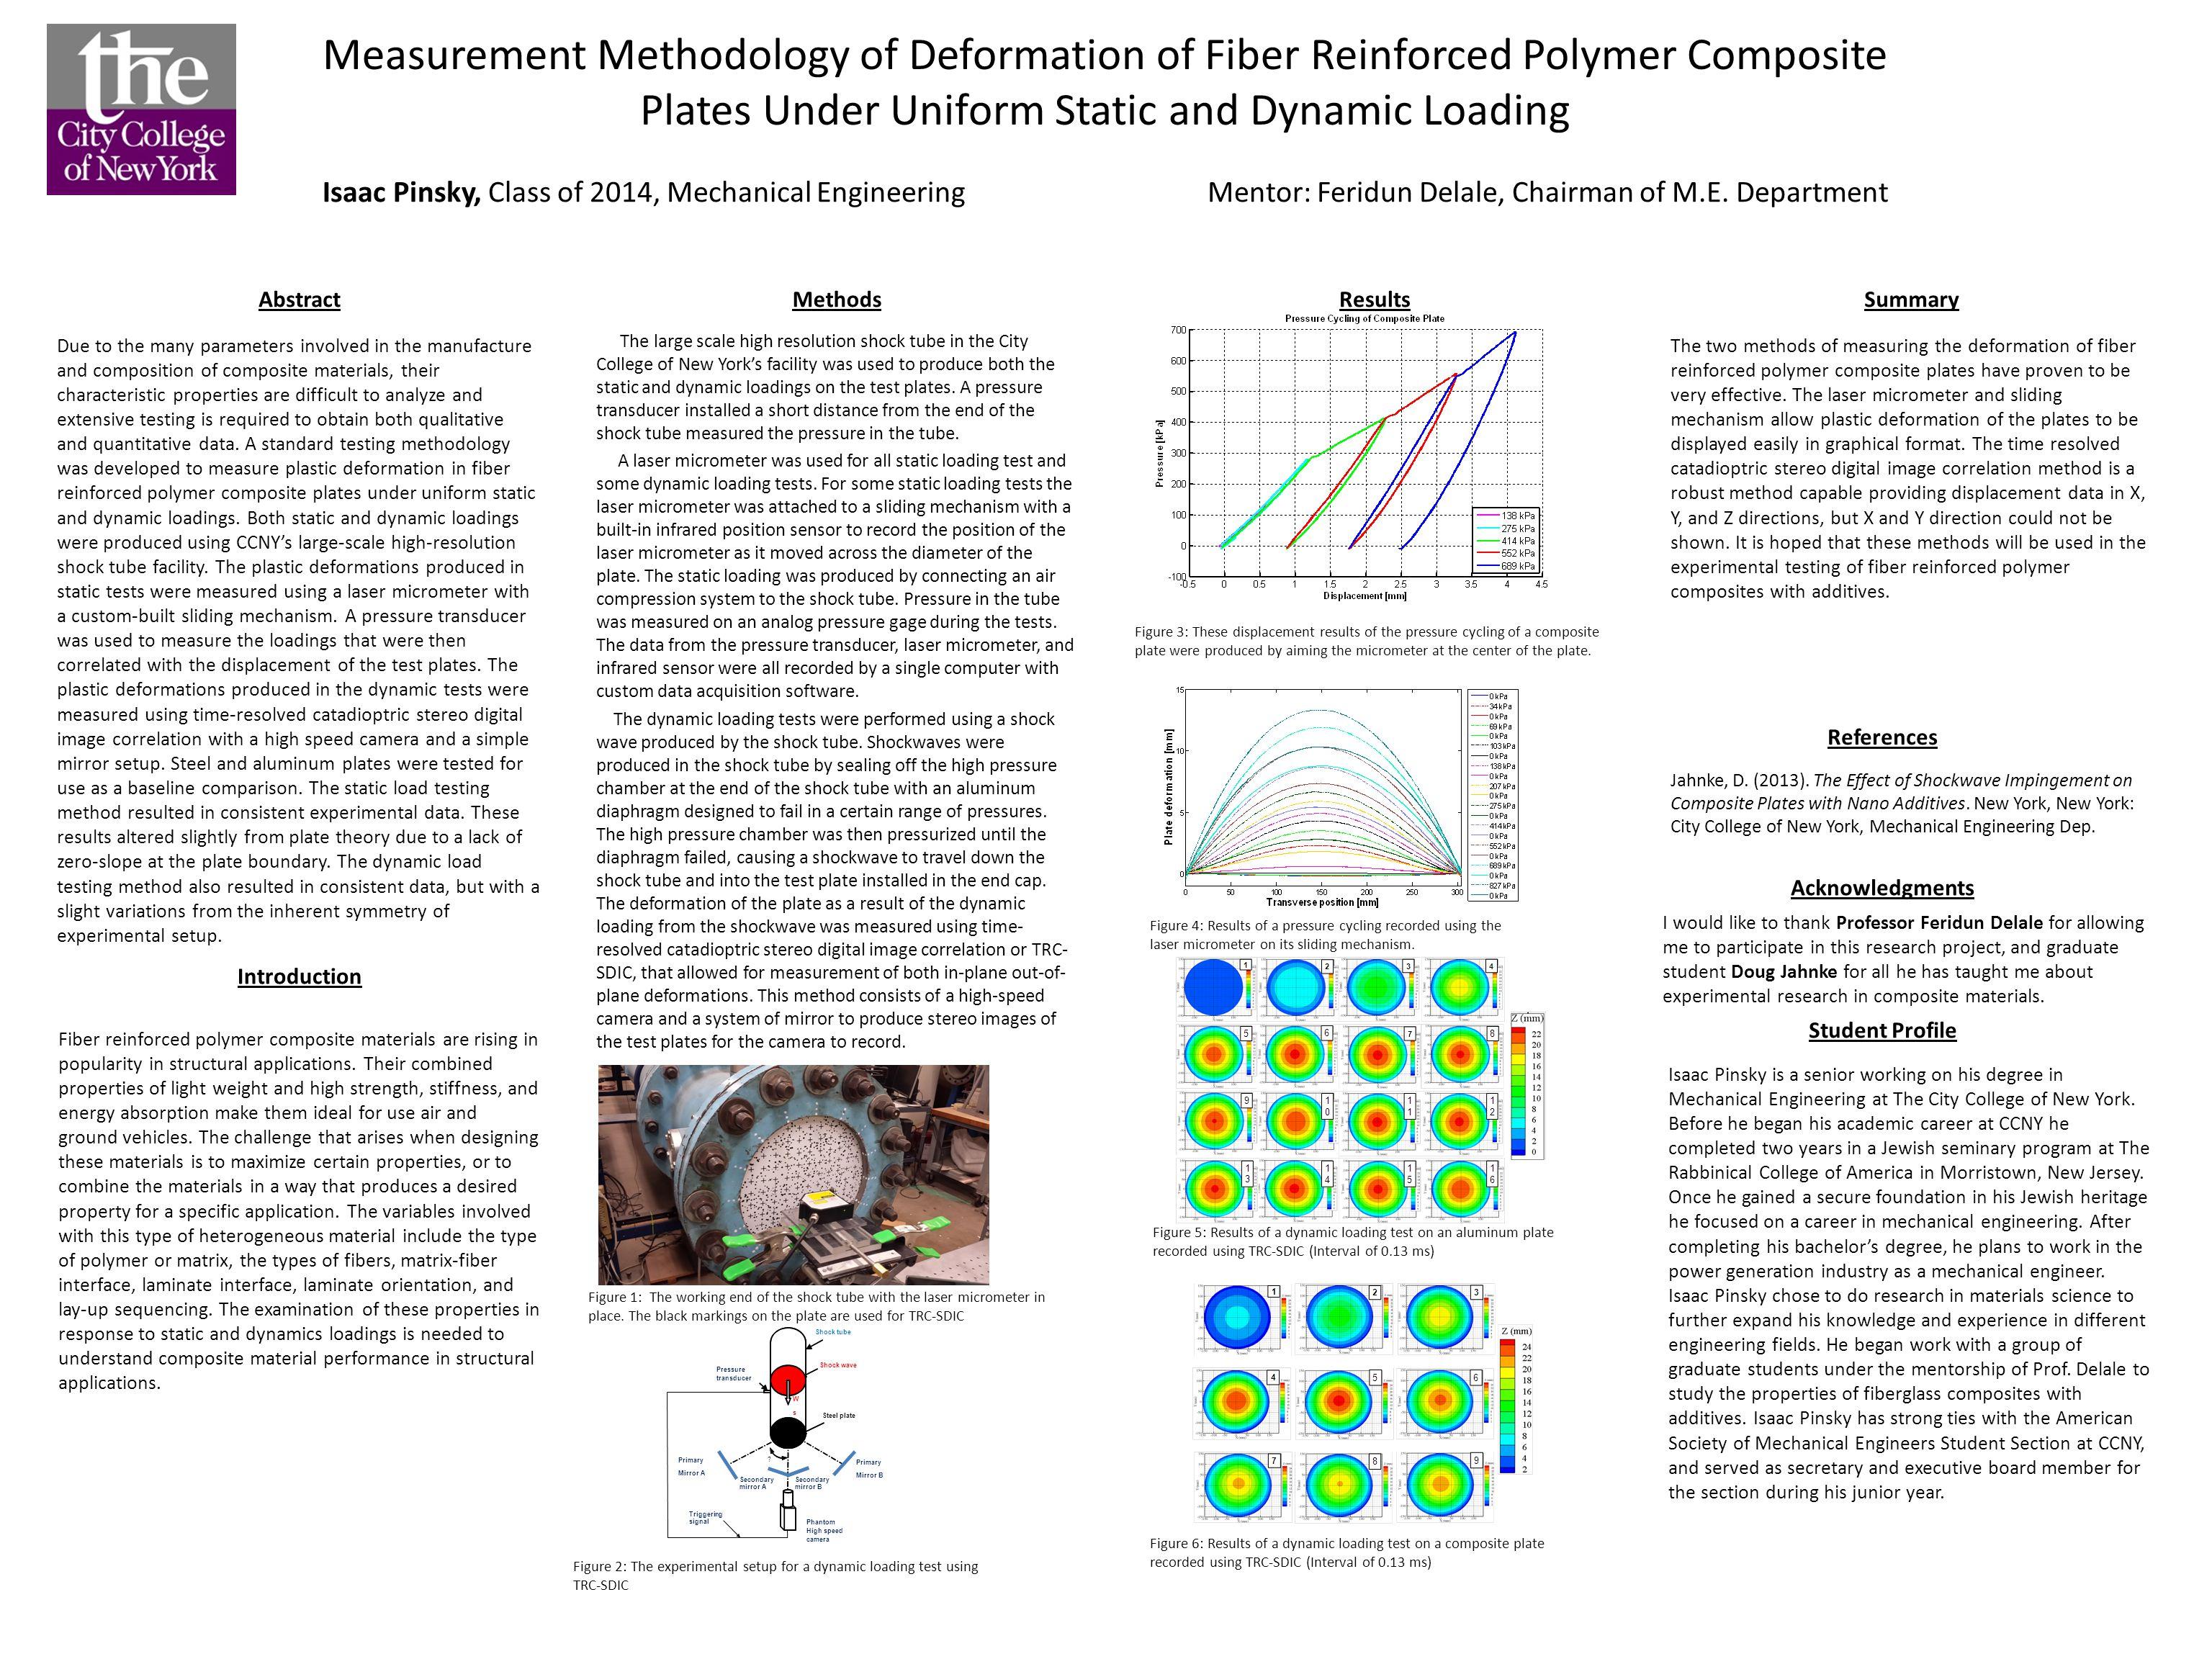 Measurement Methodology of Deformation of Fiber Reinforced Polymer Composite Plates Under Uniform Static and Dynamic Loading